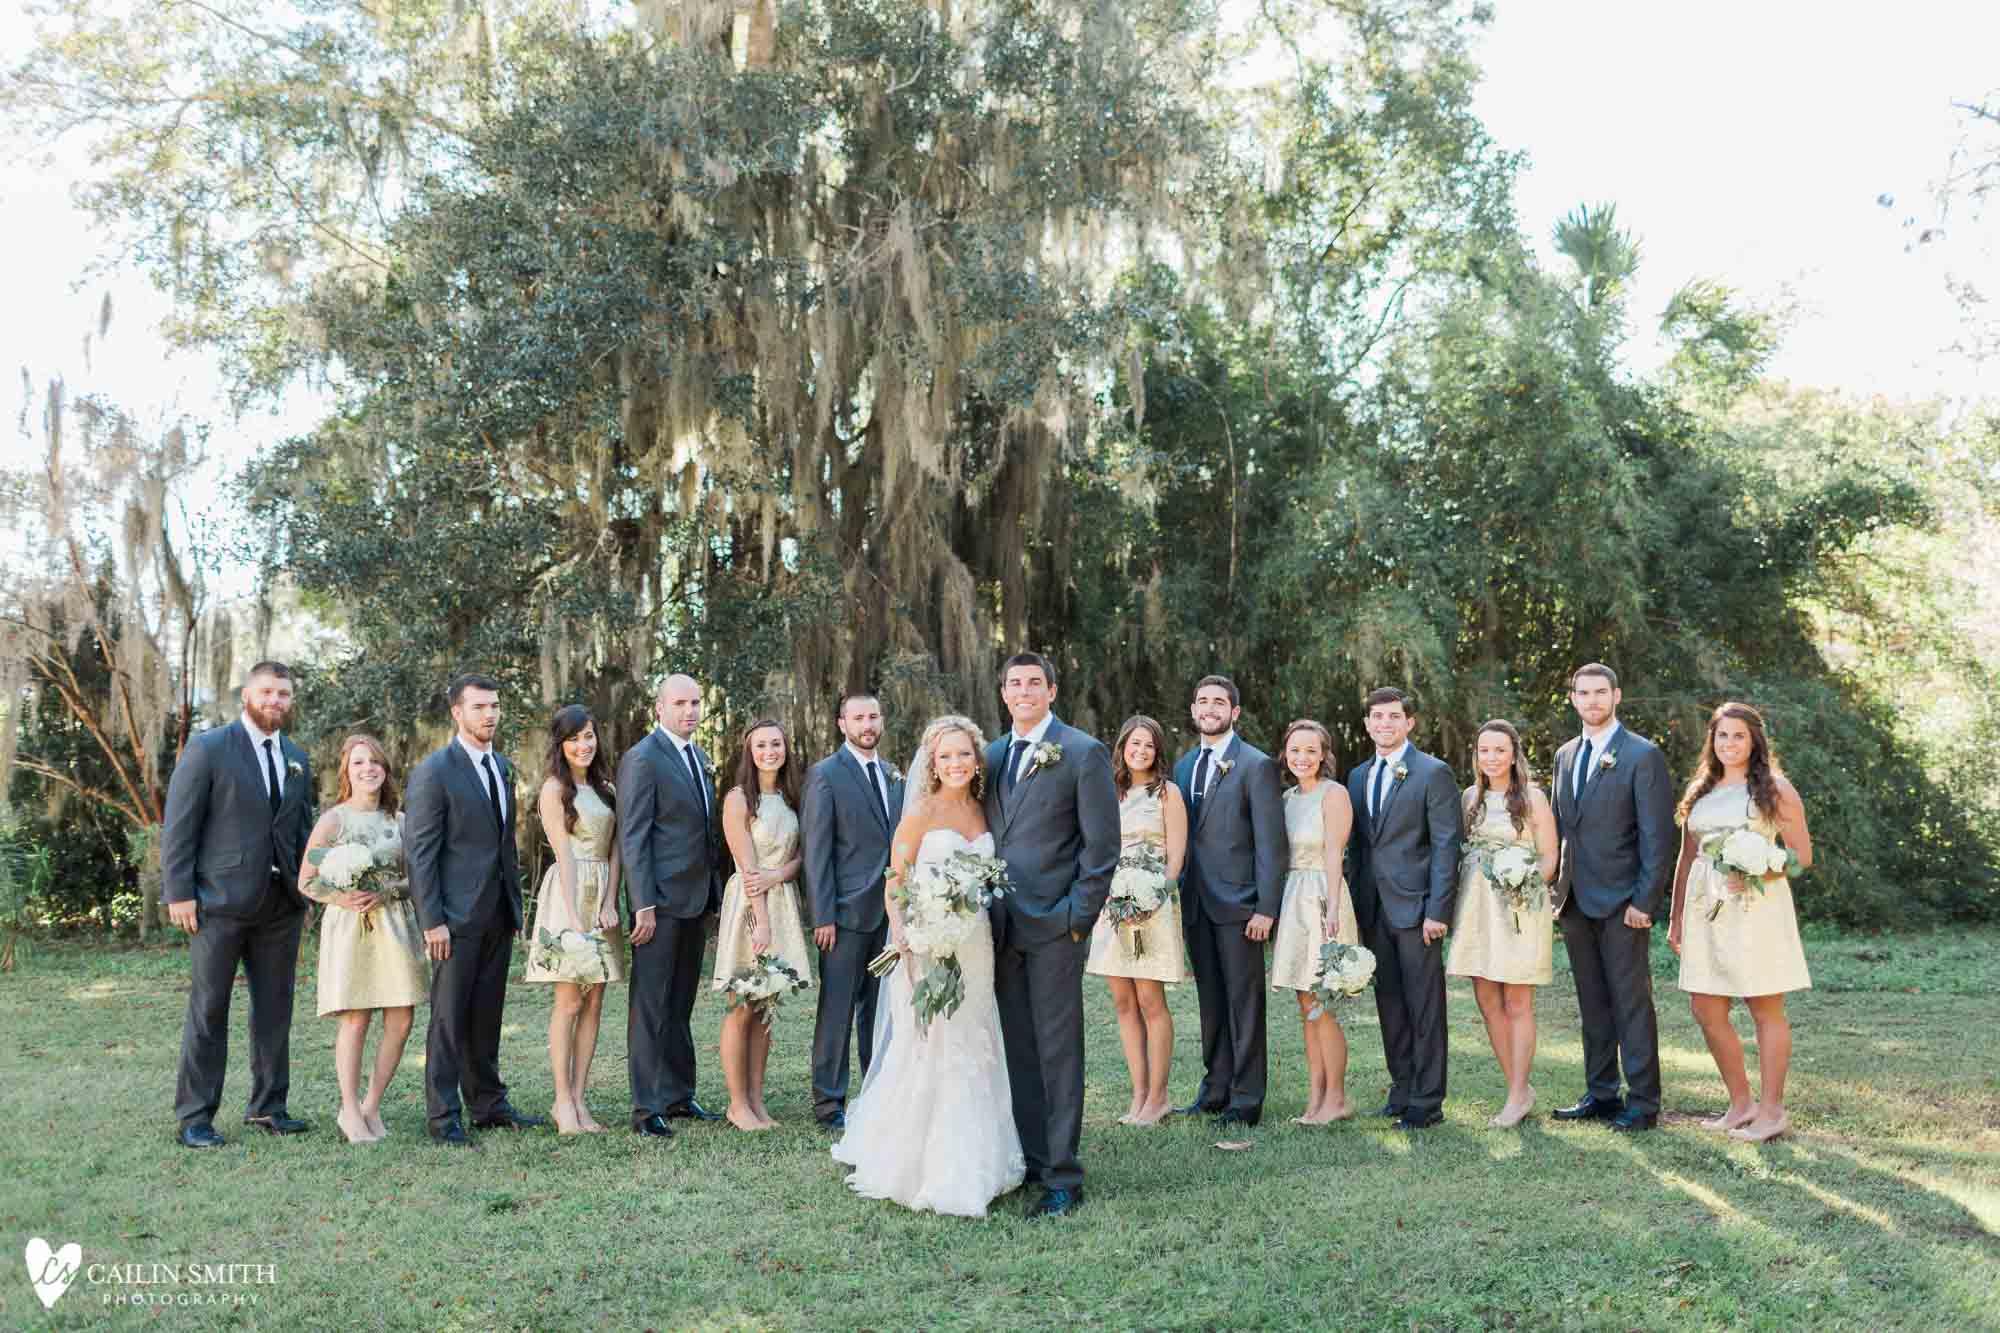 Leah_Major_St_Marys_Wedding_Photography_038.jpg